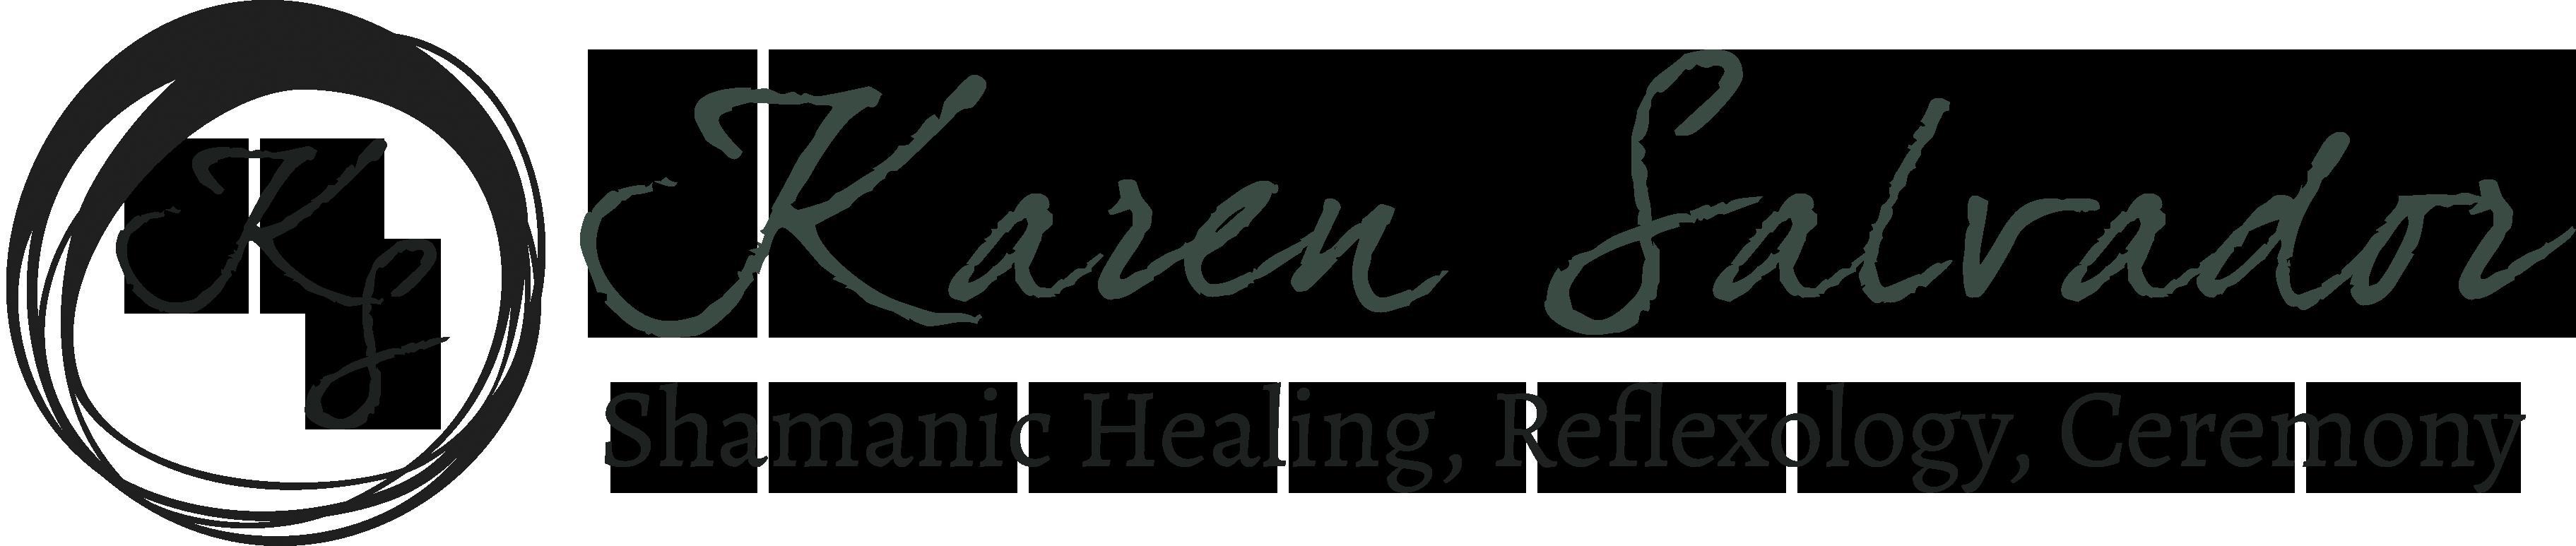 Karen Salvador Healing